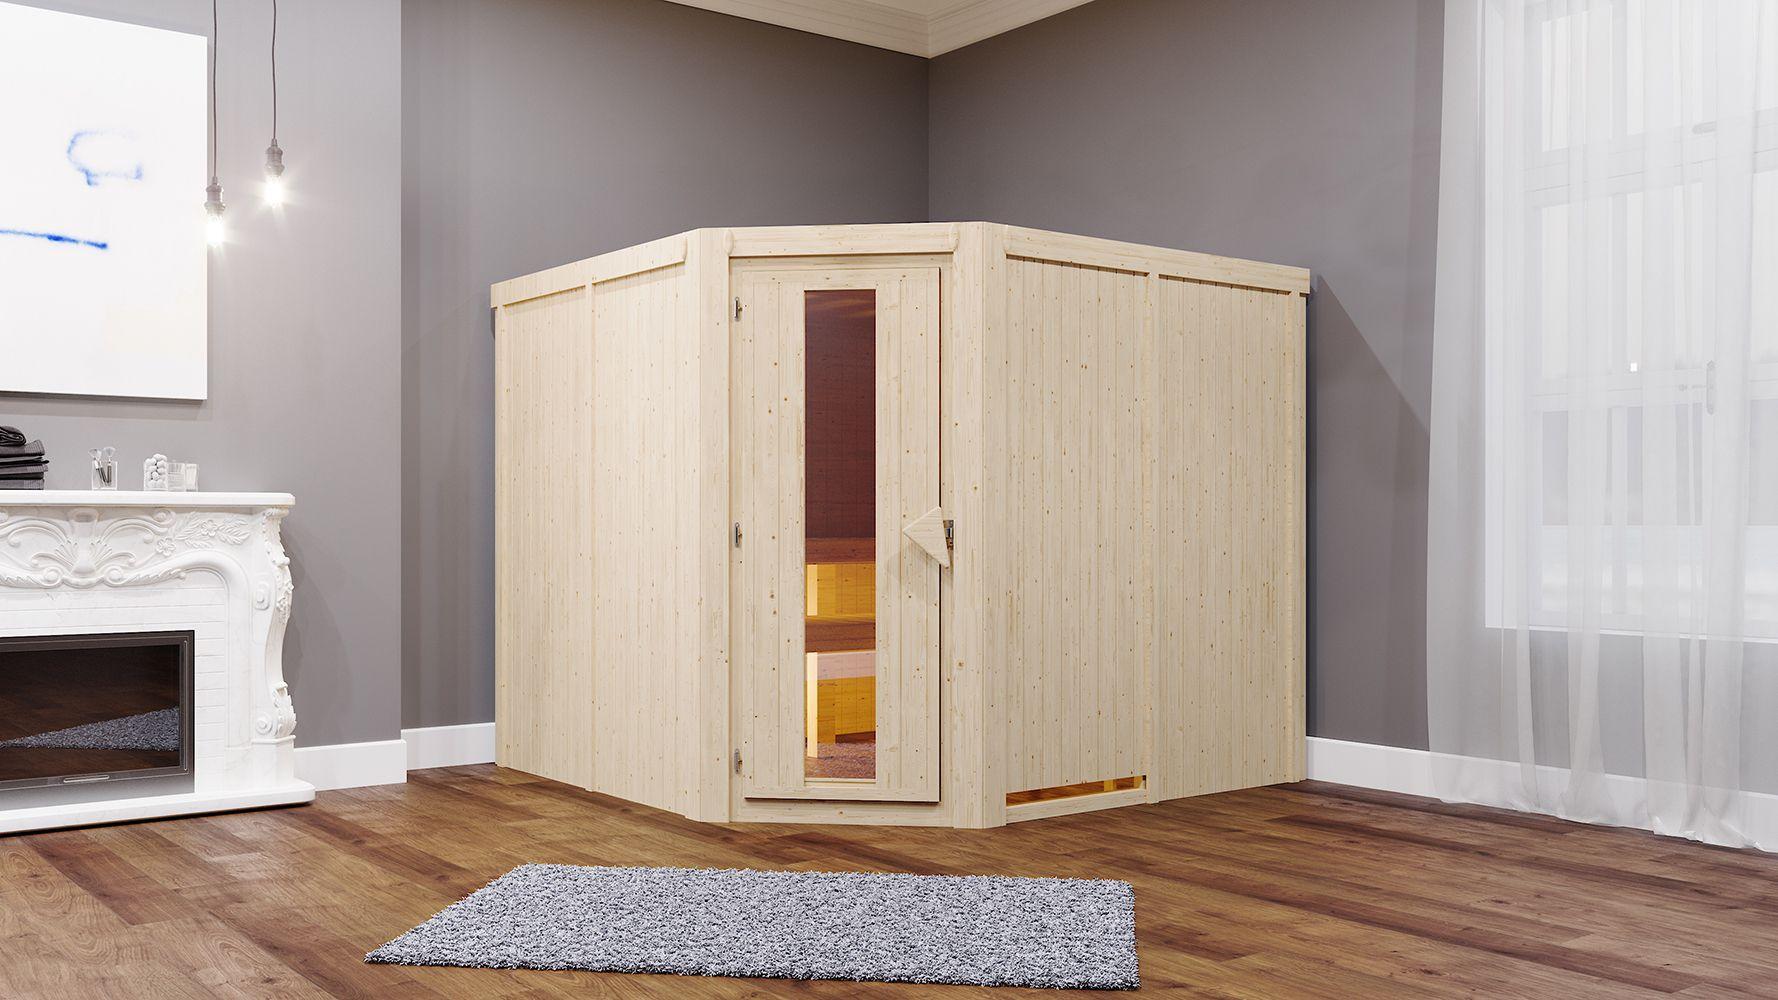 Sauna Anna 01, 68 mm Wandstärke - 231 x 196 x 198 cm (B x T x H) - Ausführung:inkl. Bio-Ofen mit externer Steuerung